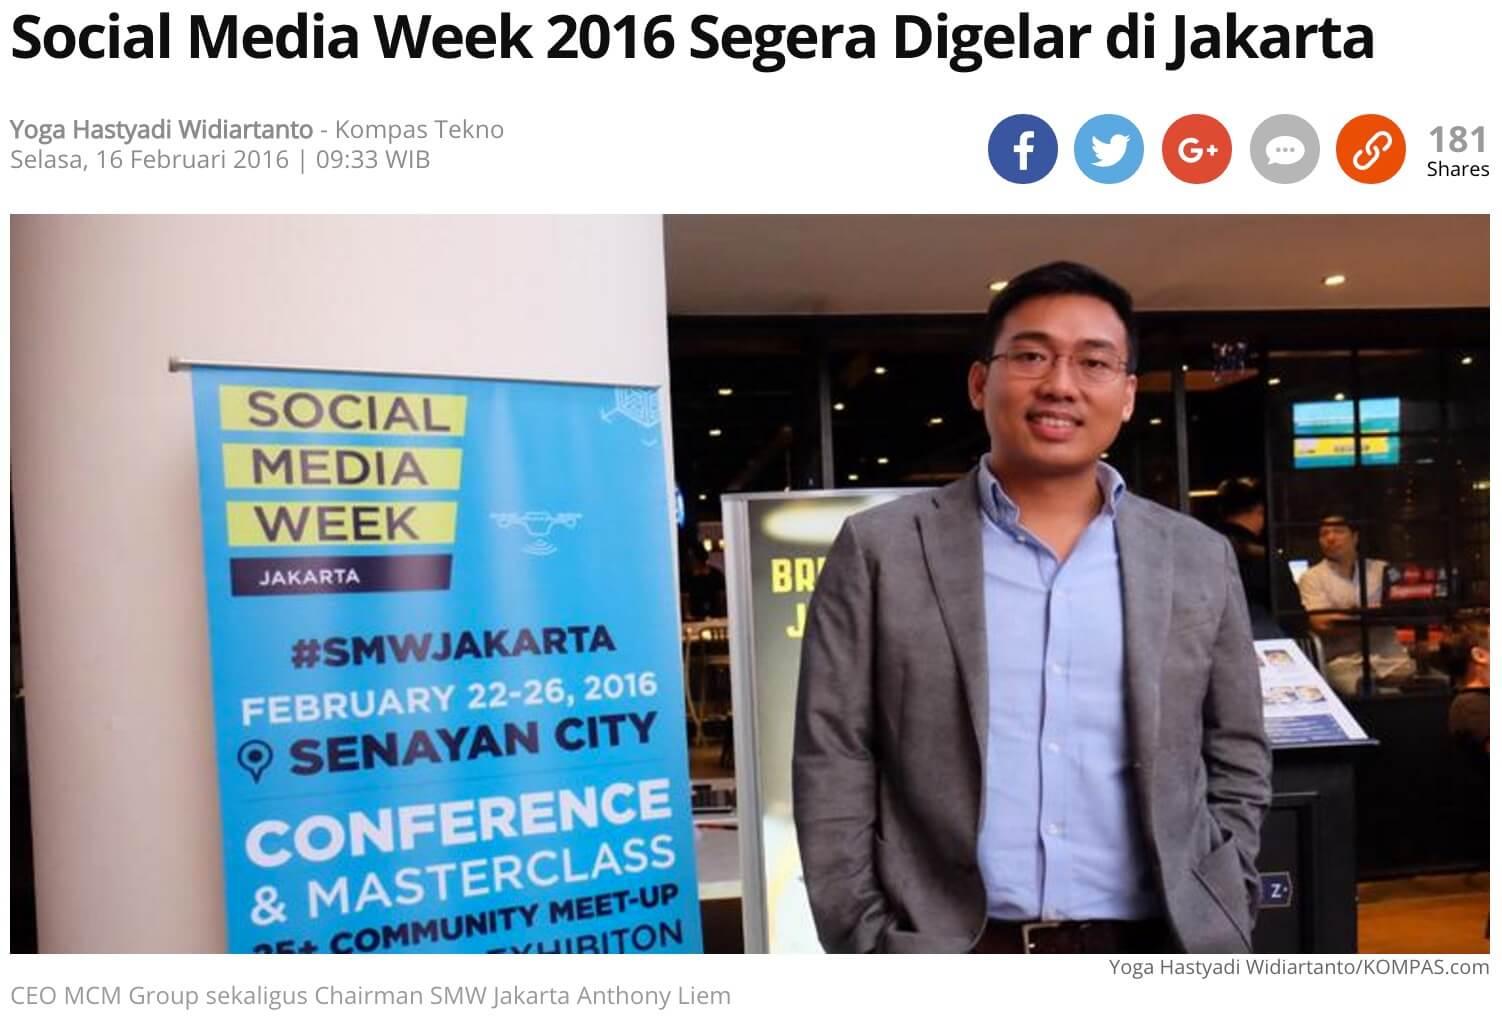 ソーシャルメディアウィーク2016ジャカルタ